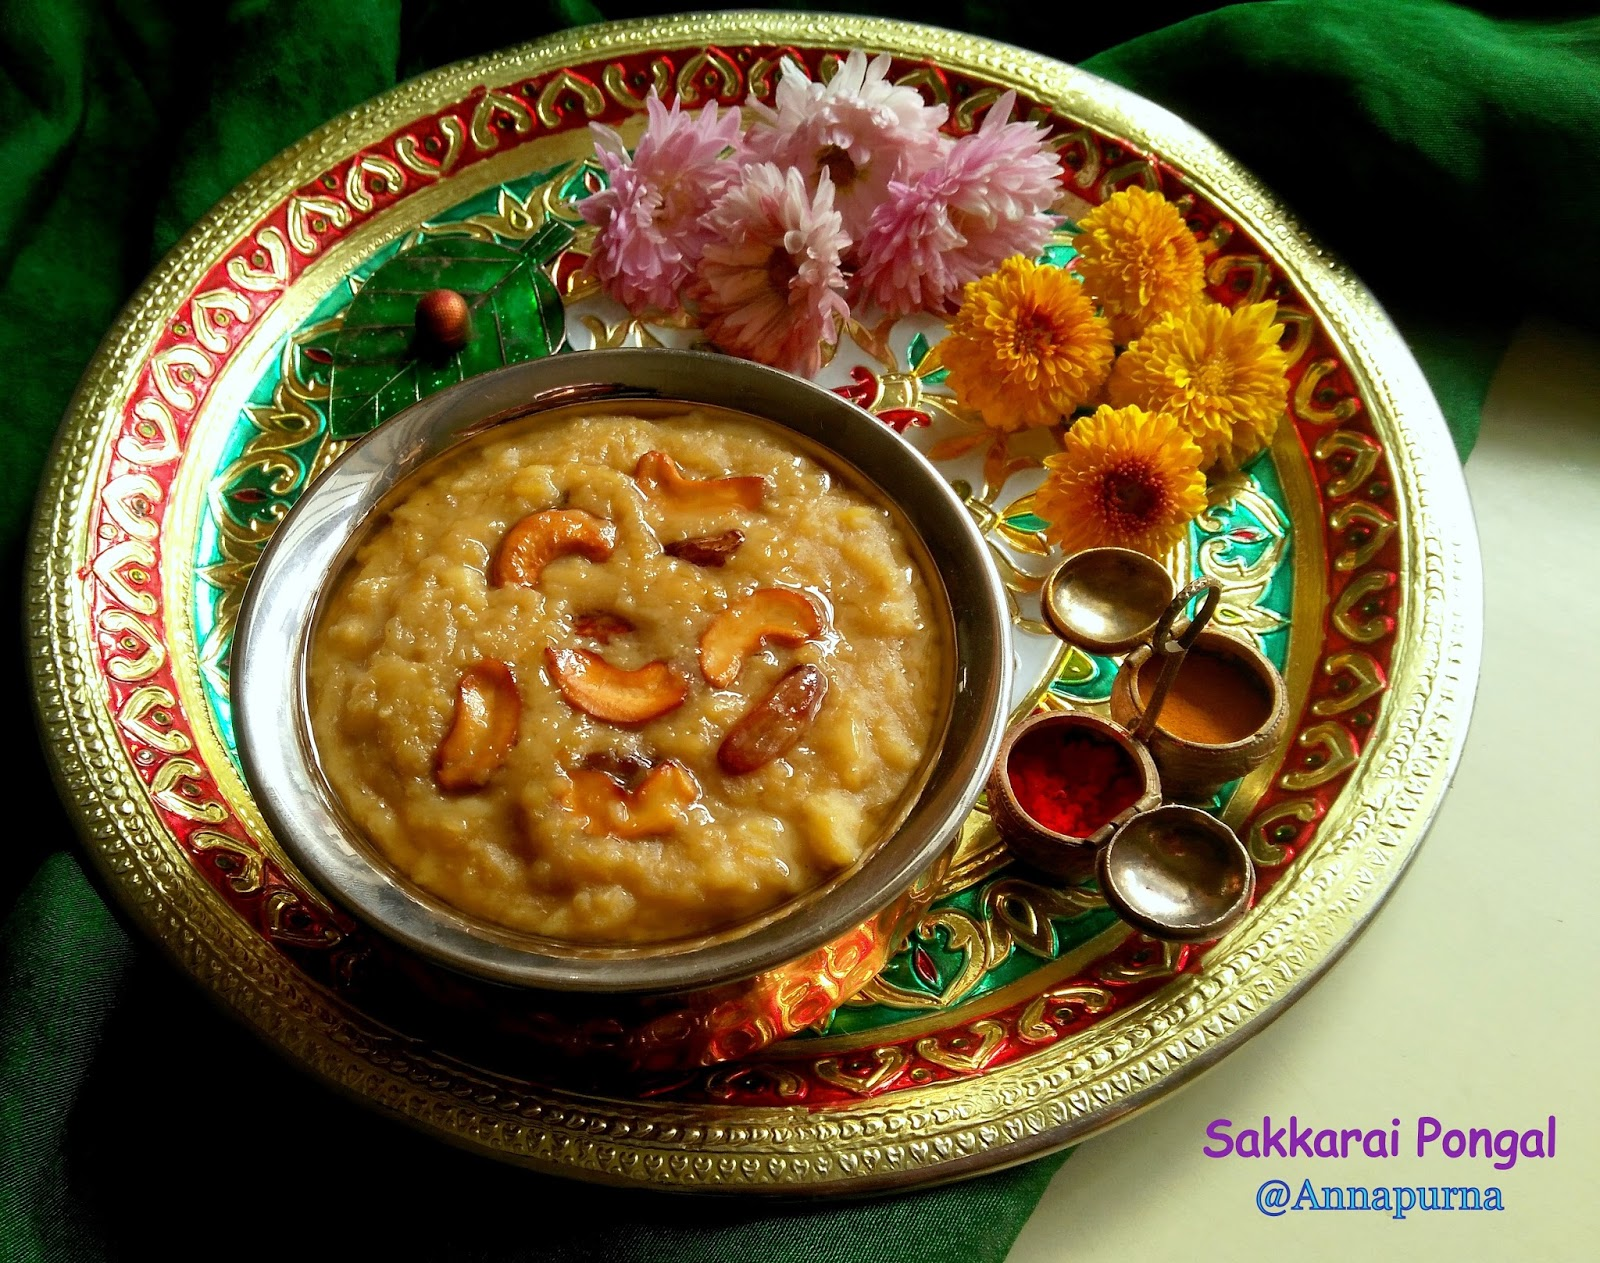 Annapurna Sakkarai Pongal The Sweet Pongal Recipe